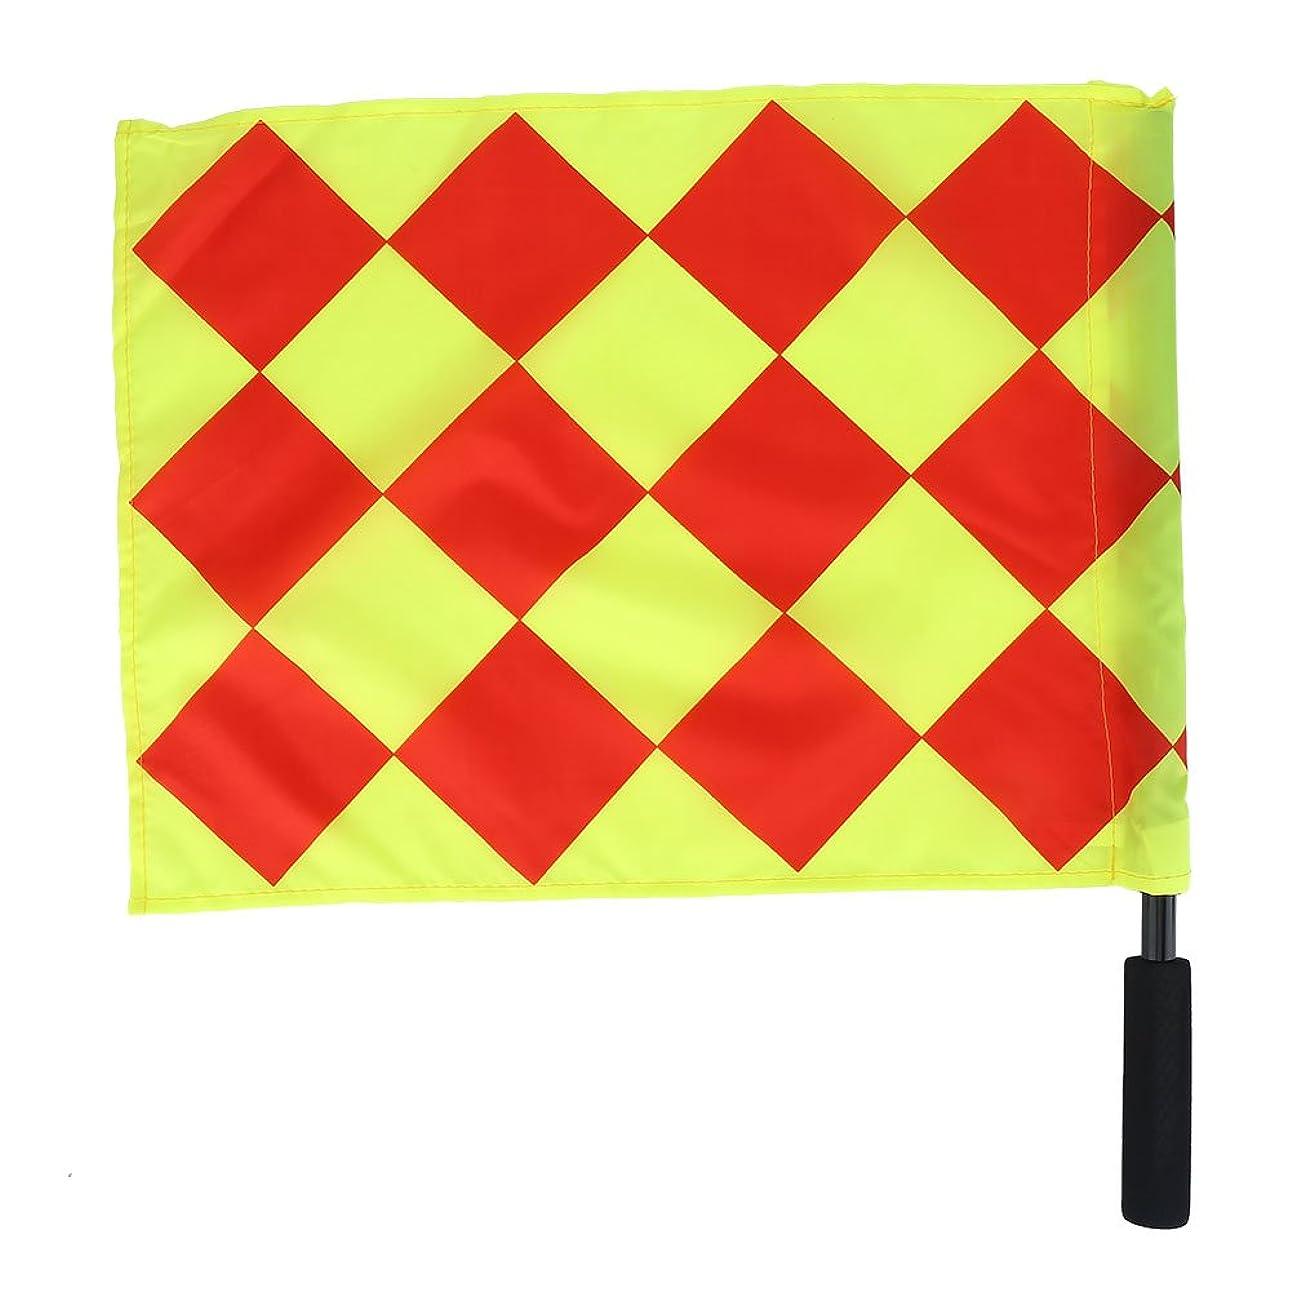 そよ風誤解する運命サッカー 審判の旗 ラインズマンの旗 フットサル 防水 高い視認性 競技 練習 試合 用 2個セット